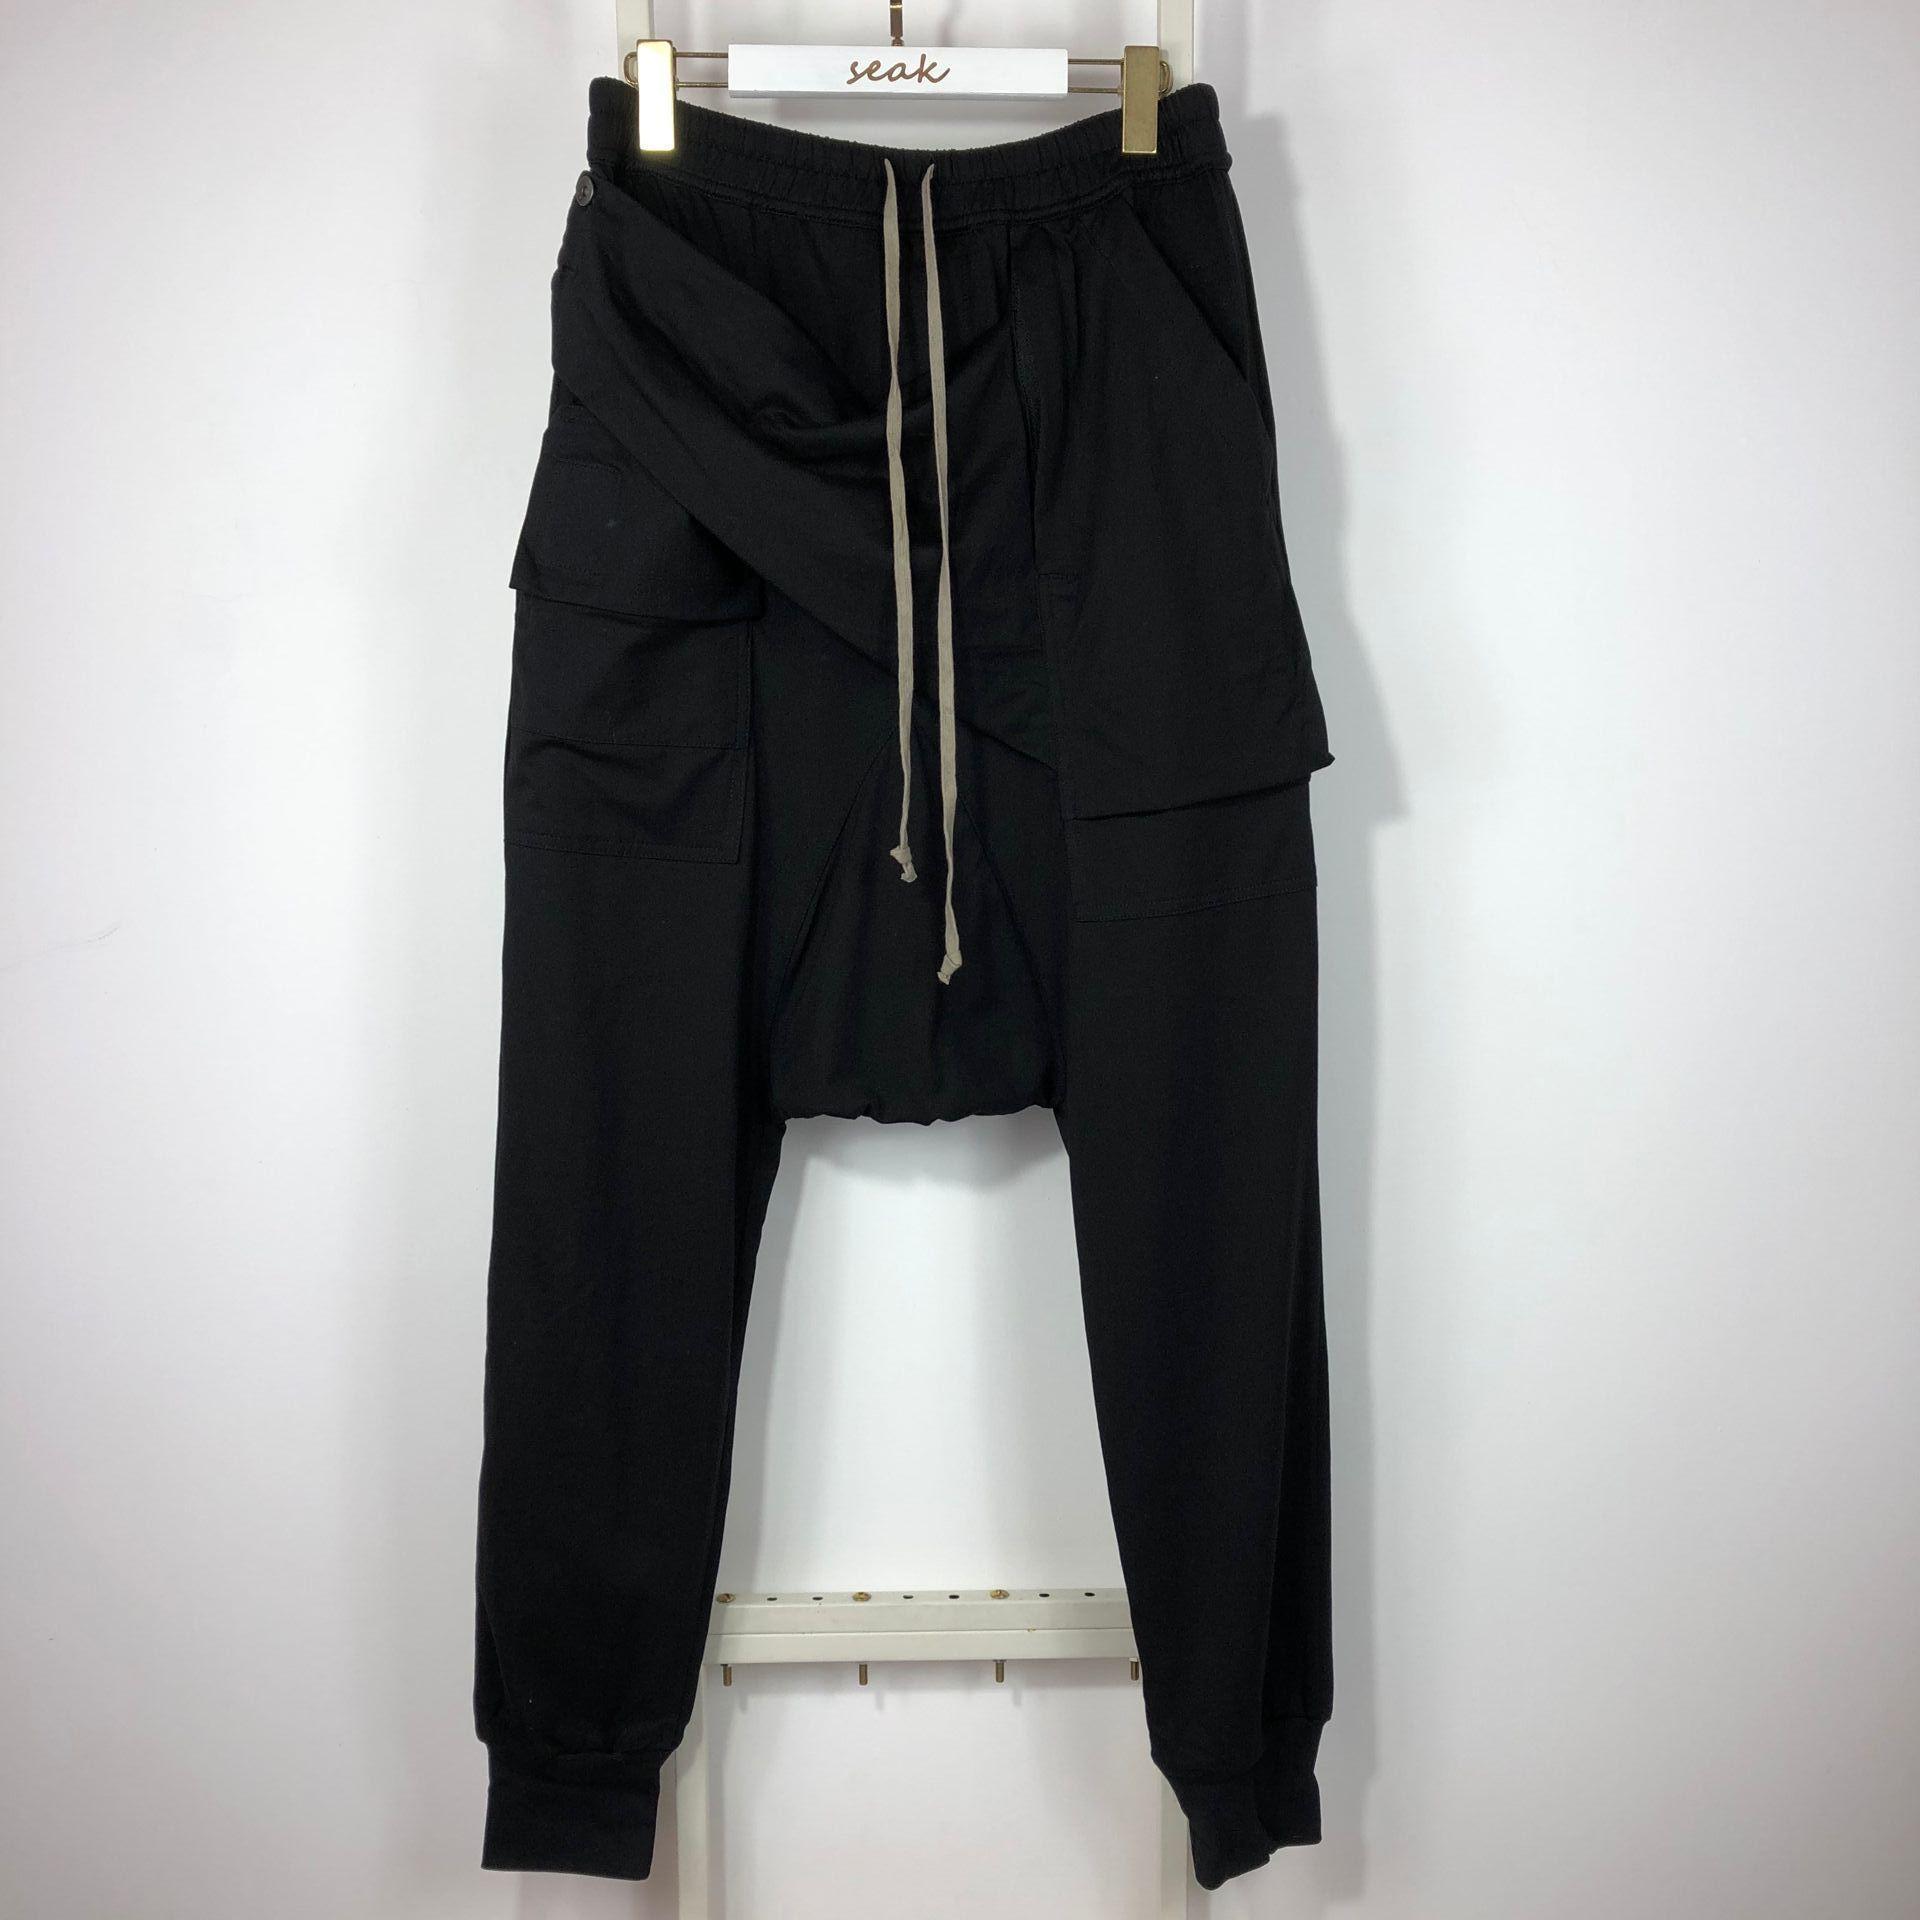 Owen Seak Hommes Casual Harem Pants Coton Gothique Vêtements pour hommes Automne Femmes Cross High Streeet Longueur Noir Versée Pantalon de survêtement C0222